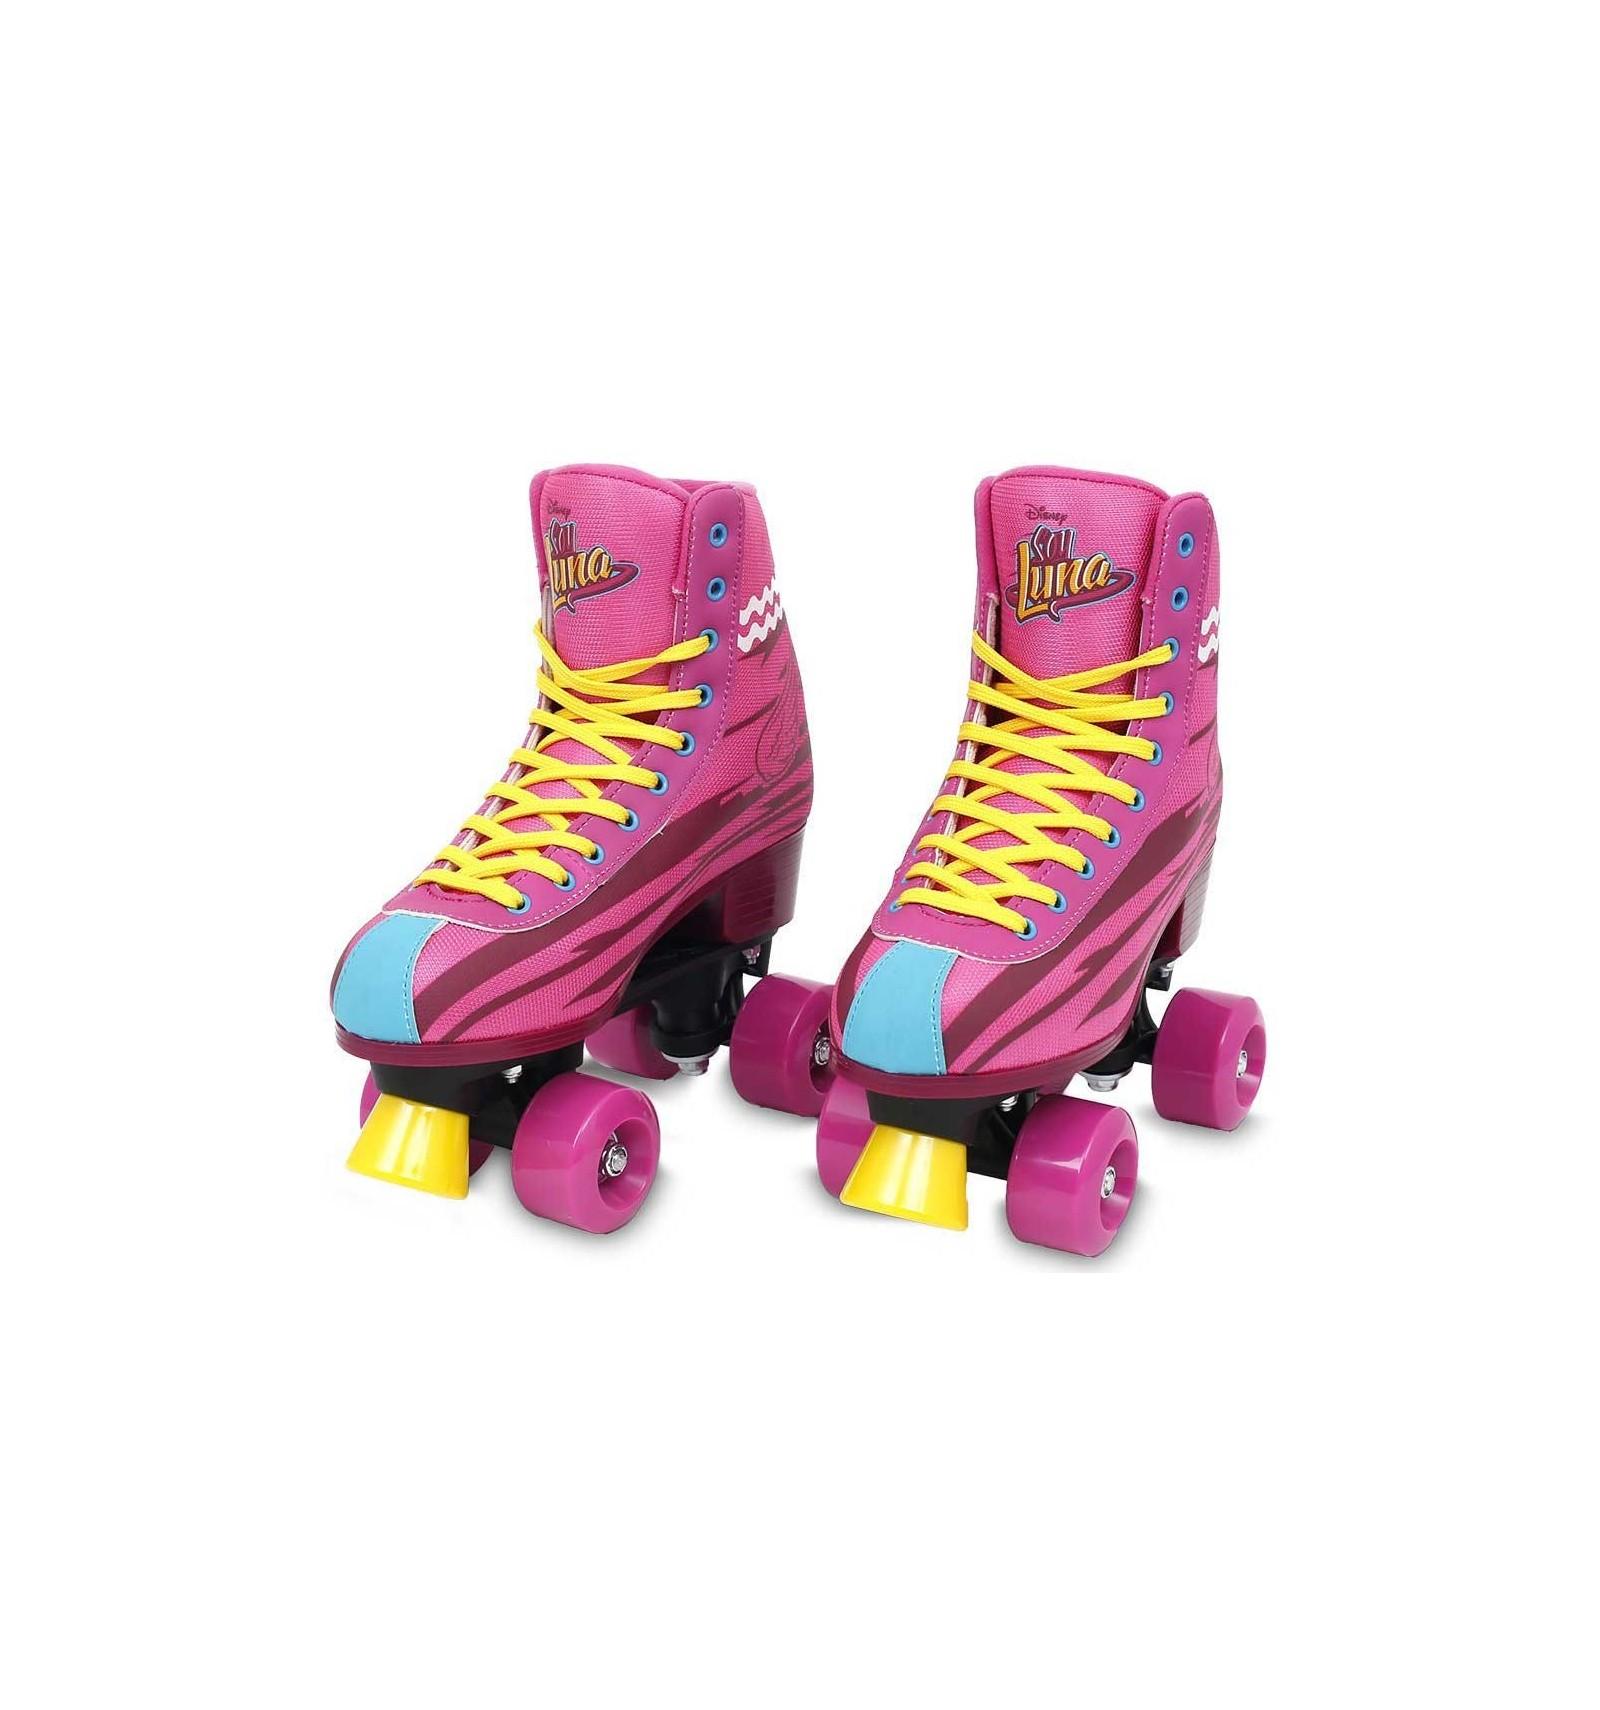 soy luna patines roller skate 32 33. Black Bedroom Furniture Sets. Home Design Ideas